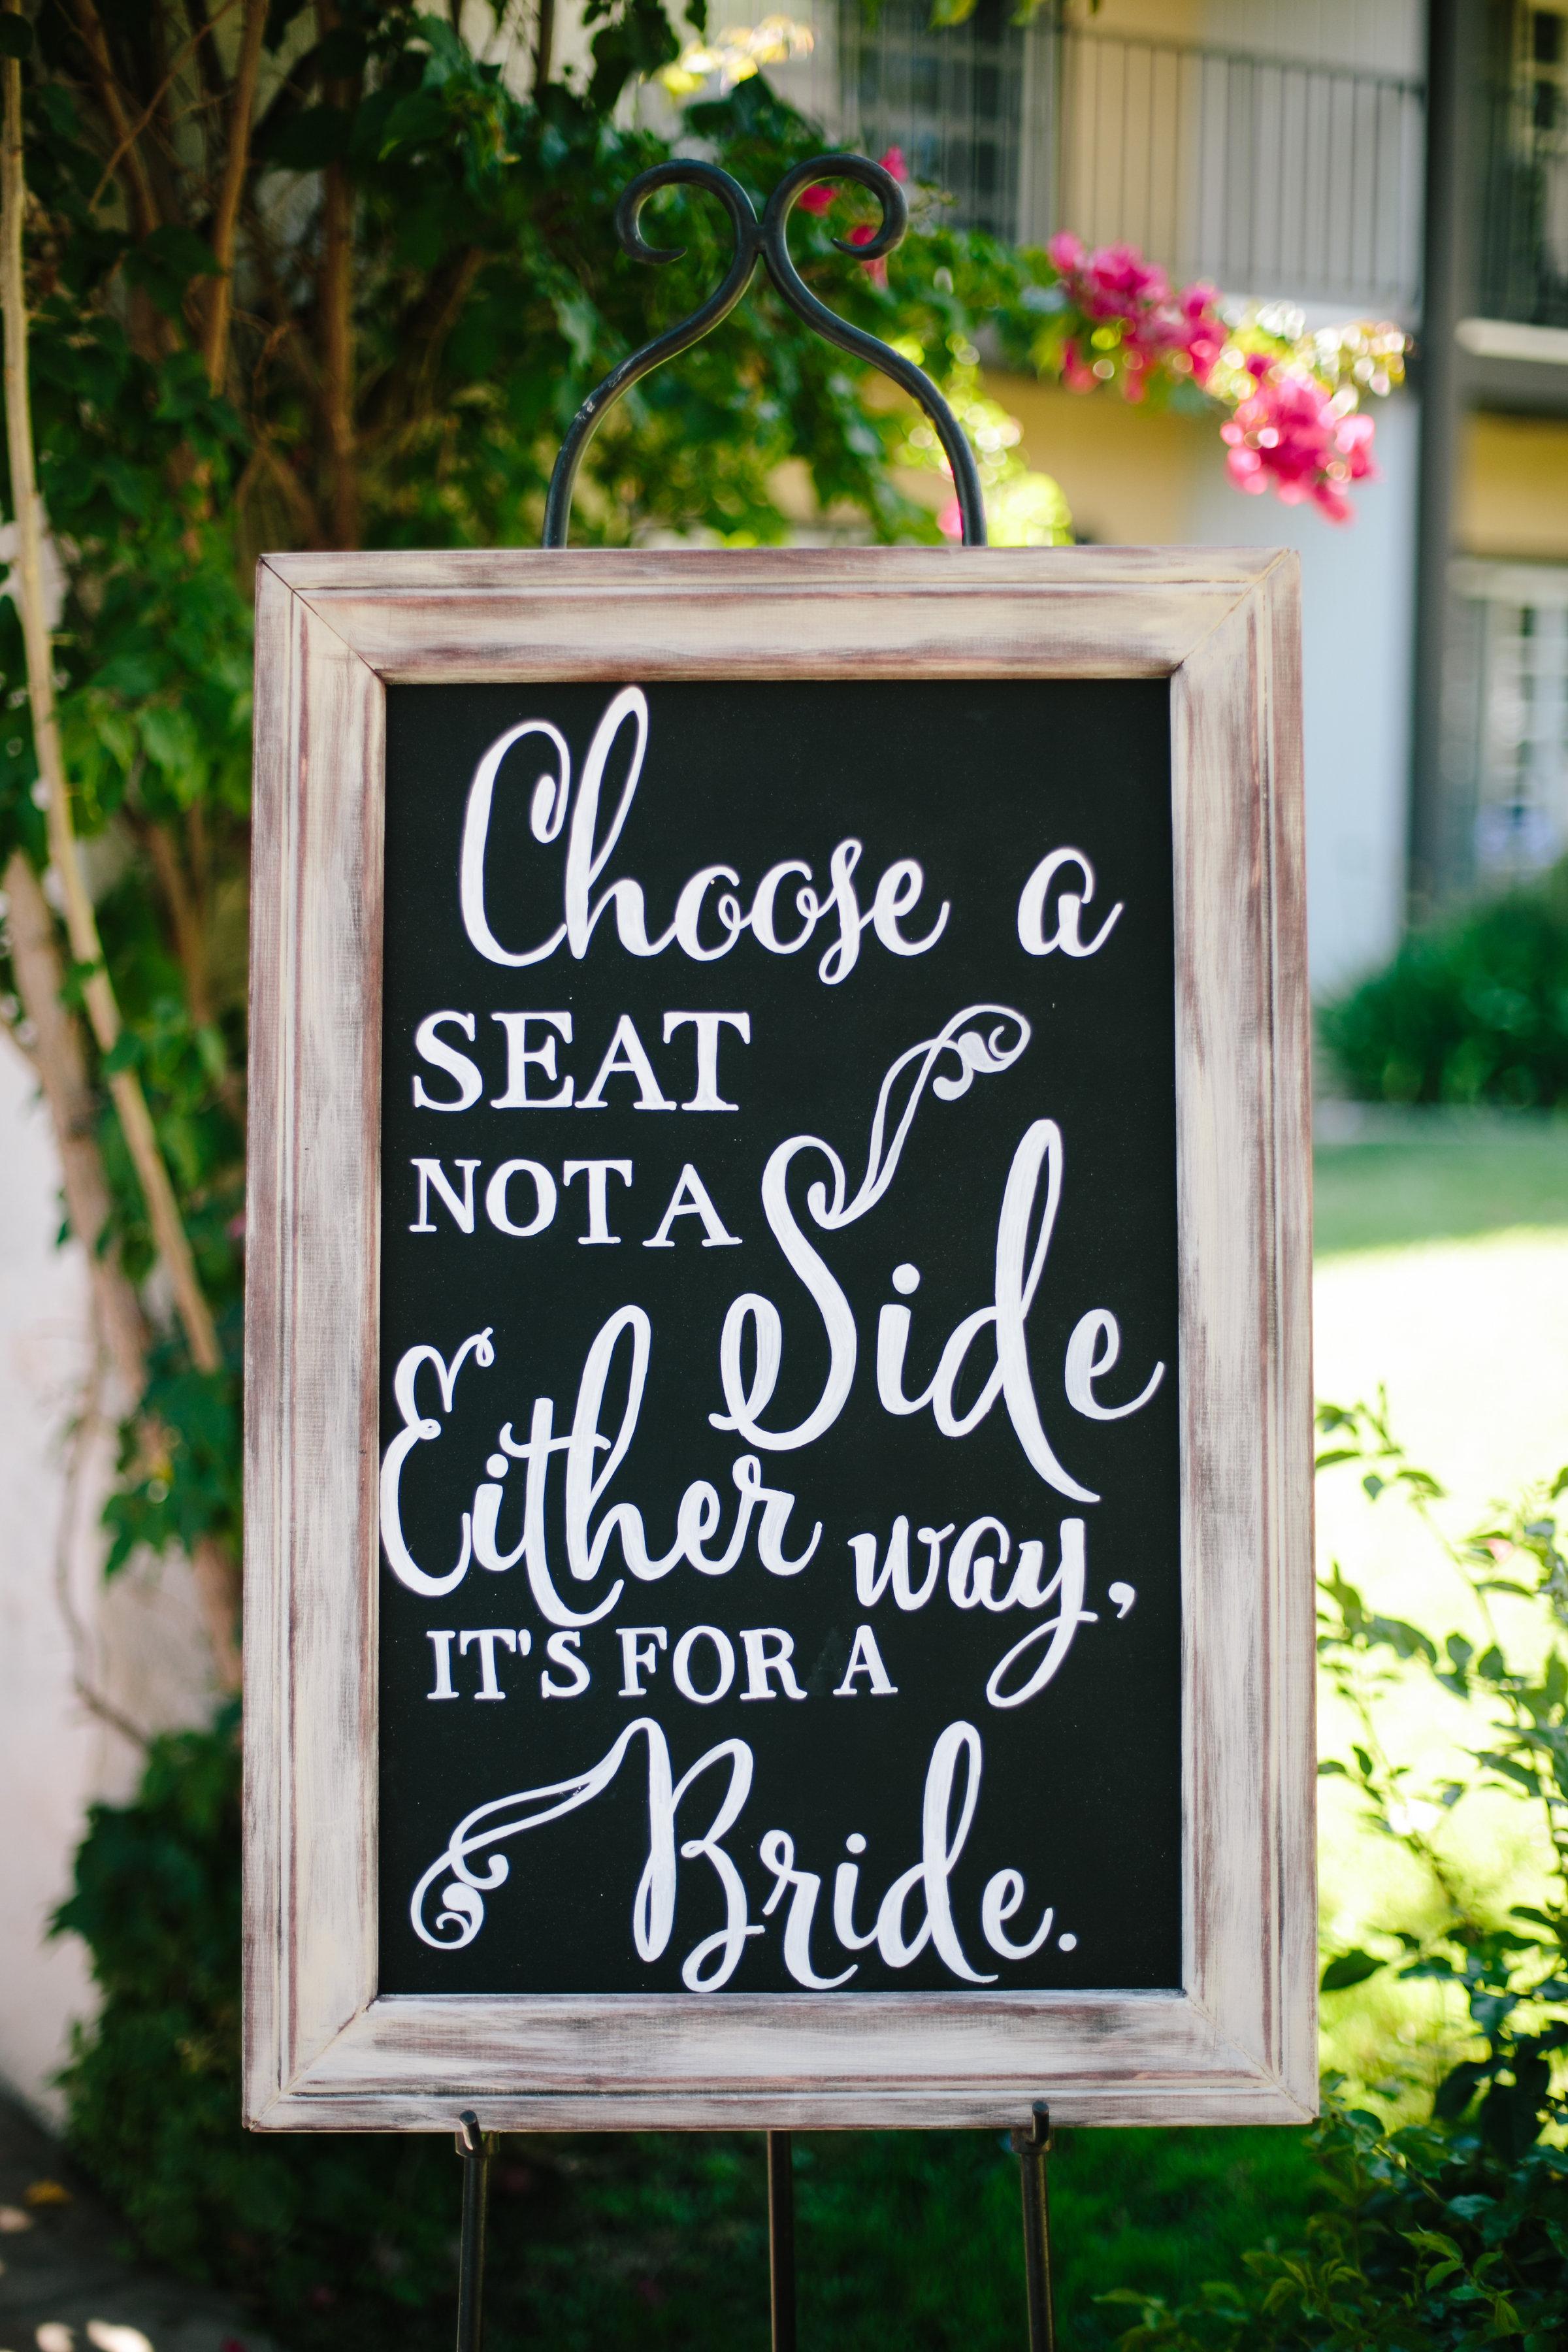 Wedding signage wedding ceremony black background white lettering